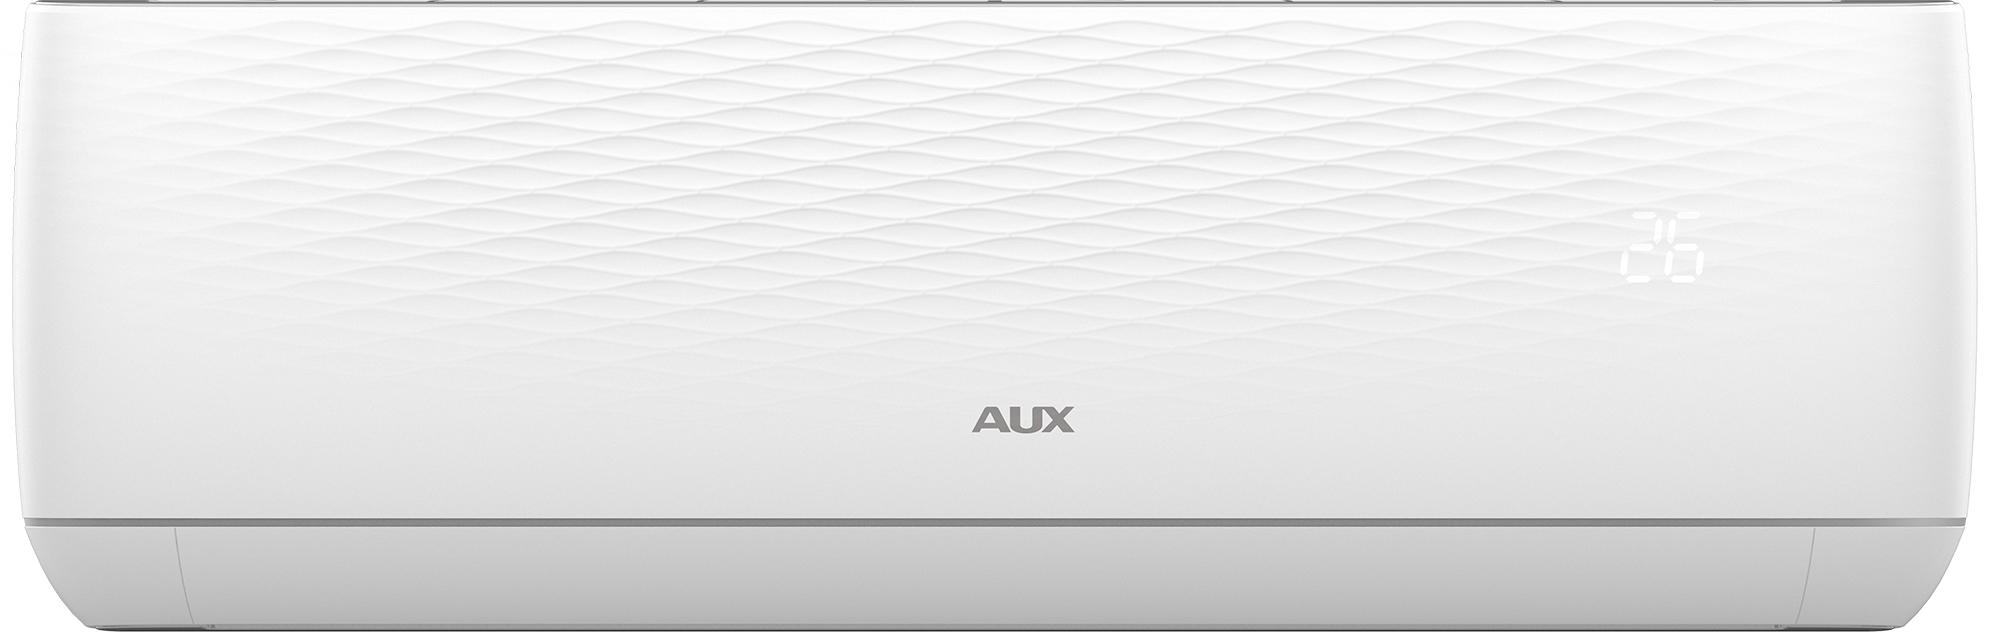 Кондиционер настенный AUX ASW-H09B4/JER3DI